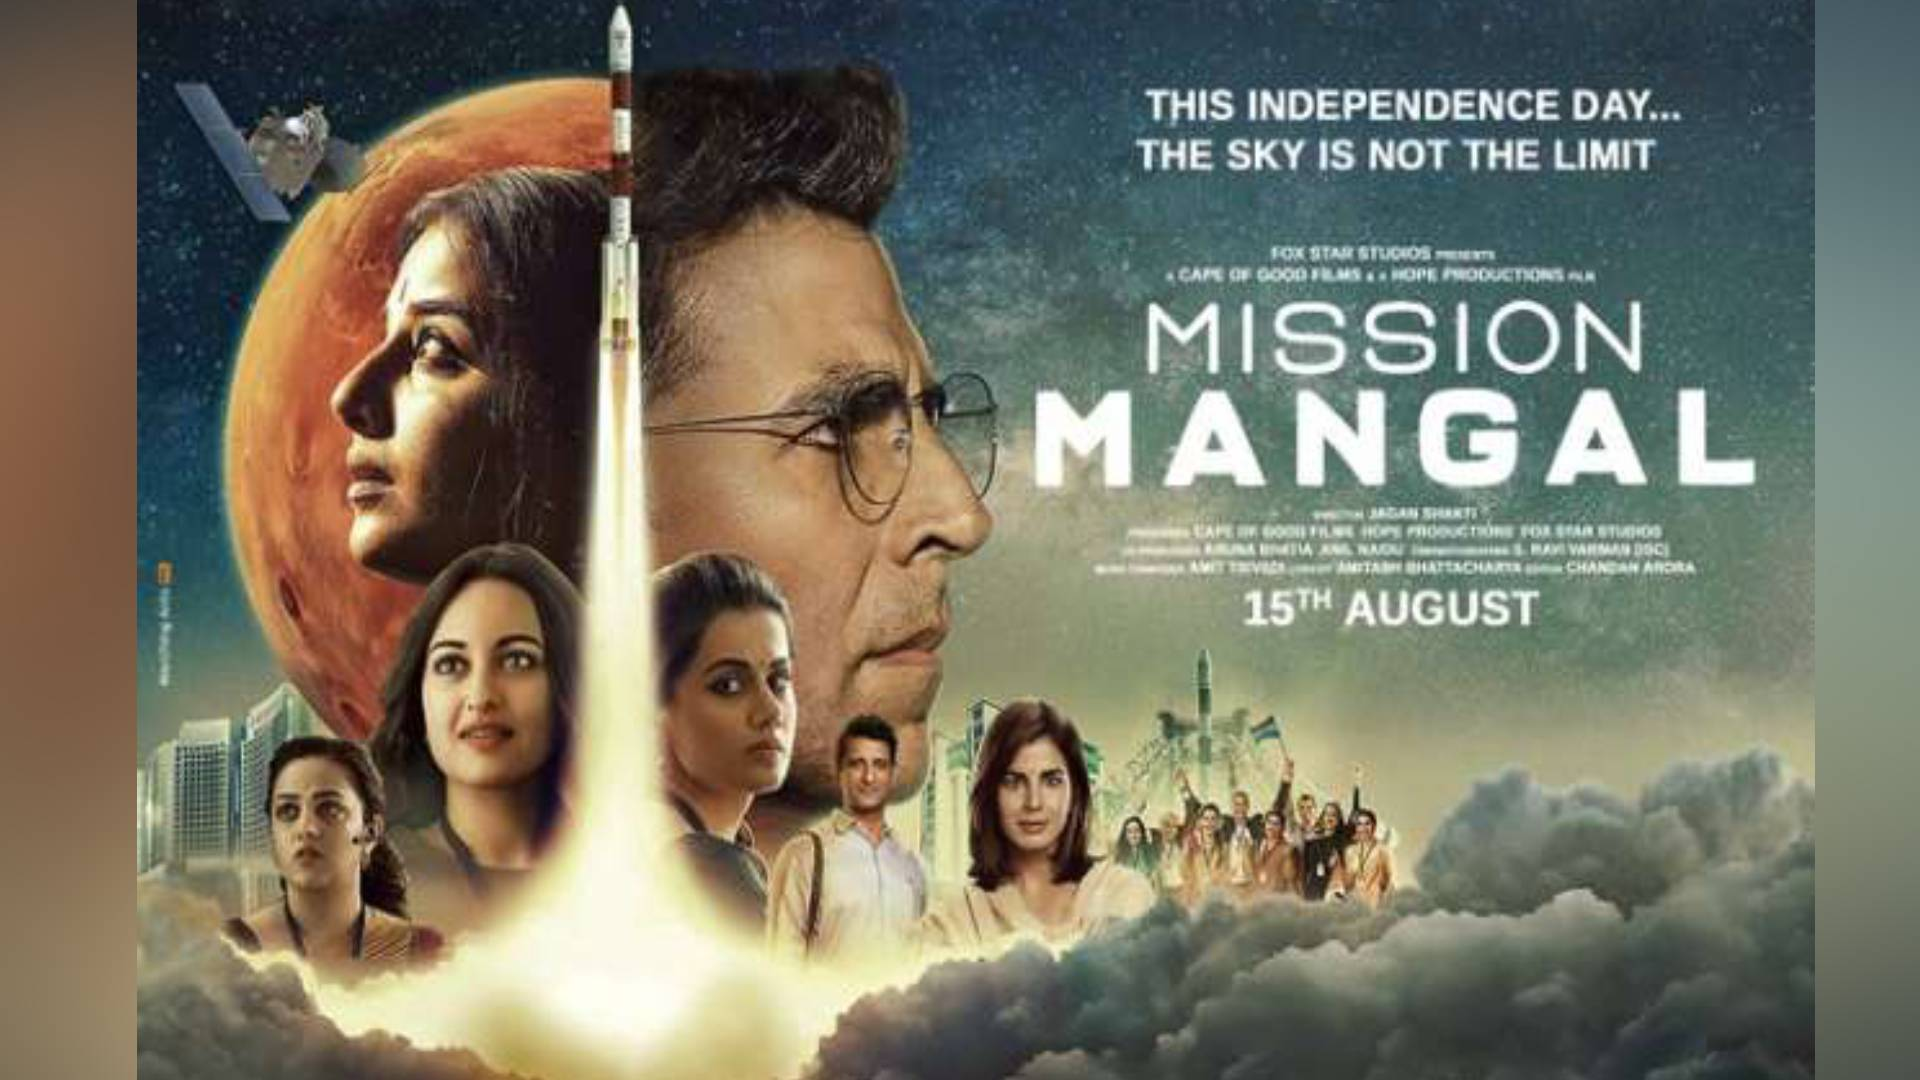 Mission Mangal Box Office Collection: फिल्म मिशल मंगल का ऑडियंस पर जादू बरकरार, तीसरे दिन हुई इतनी कमाई